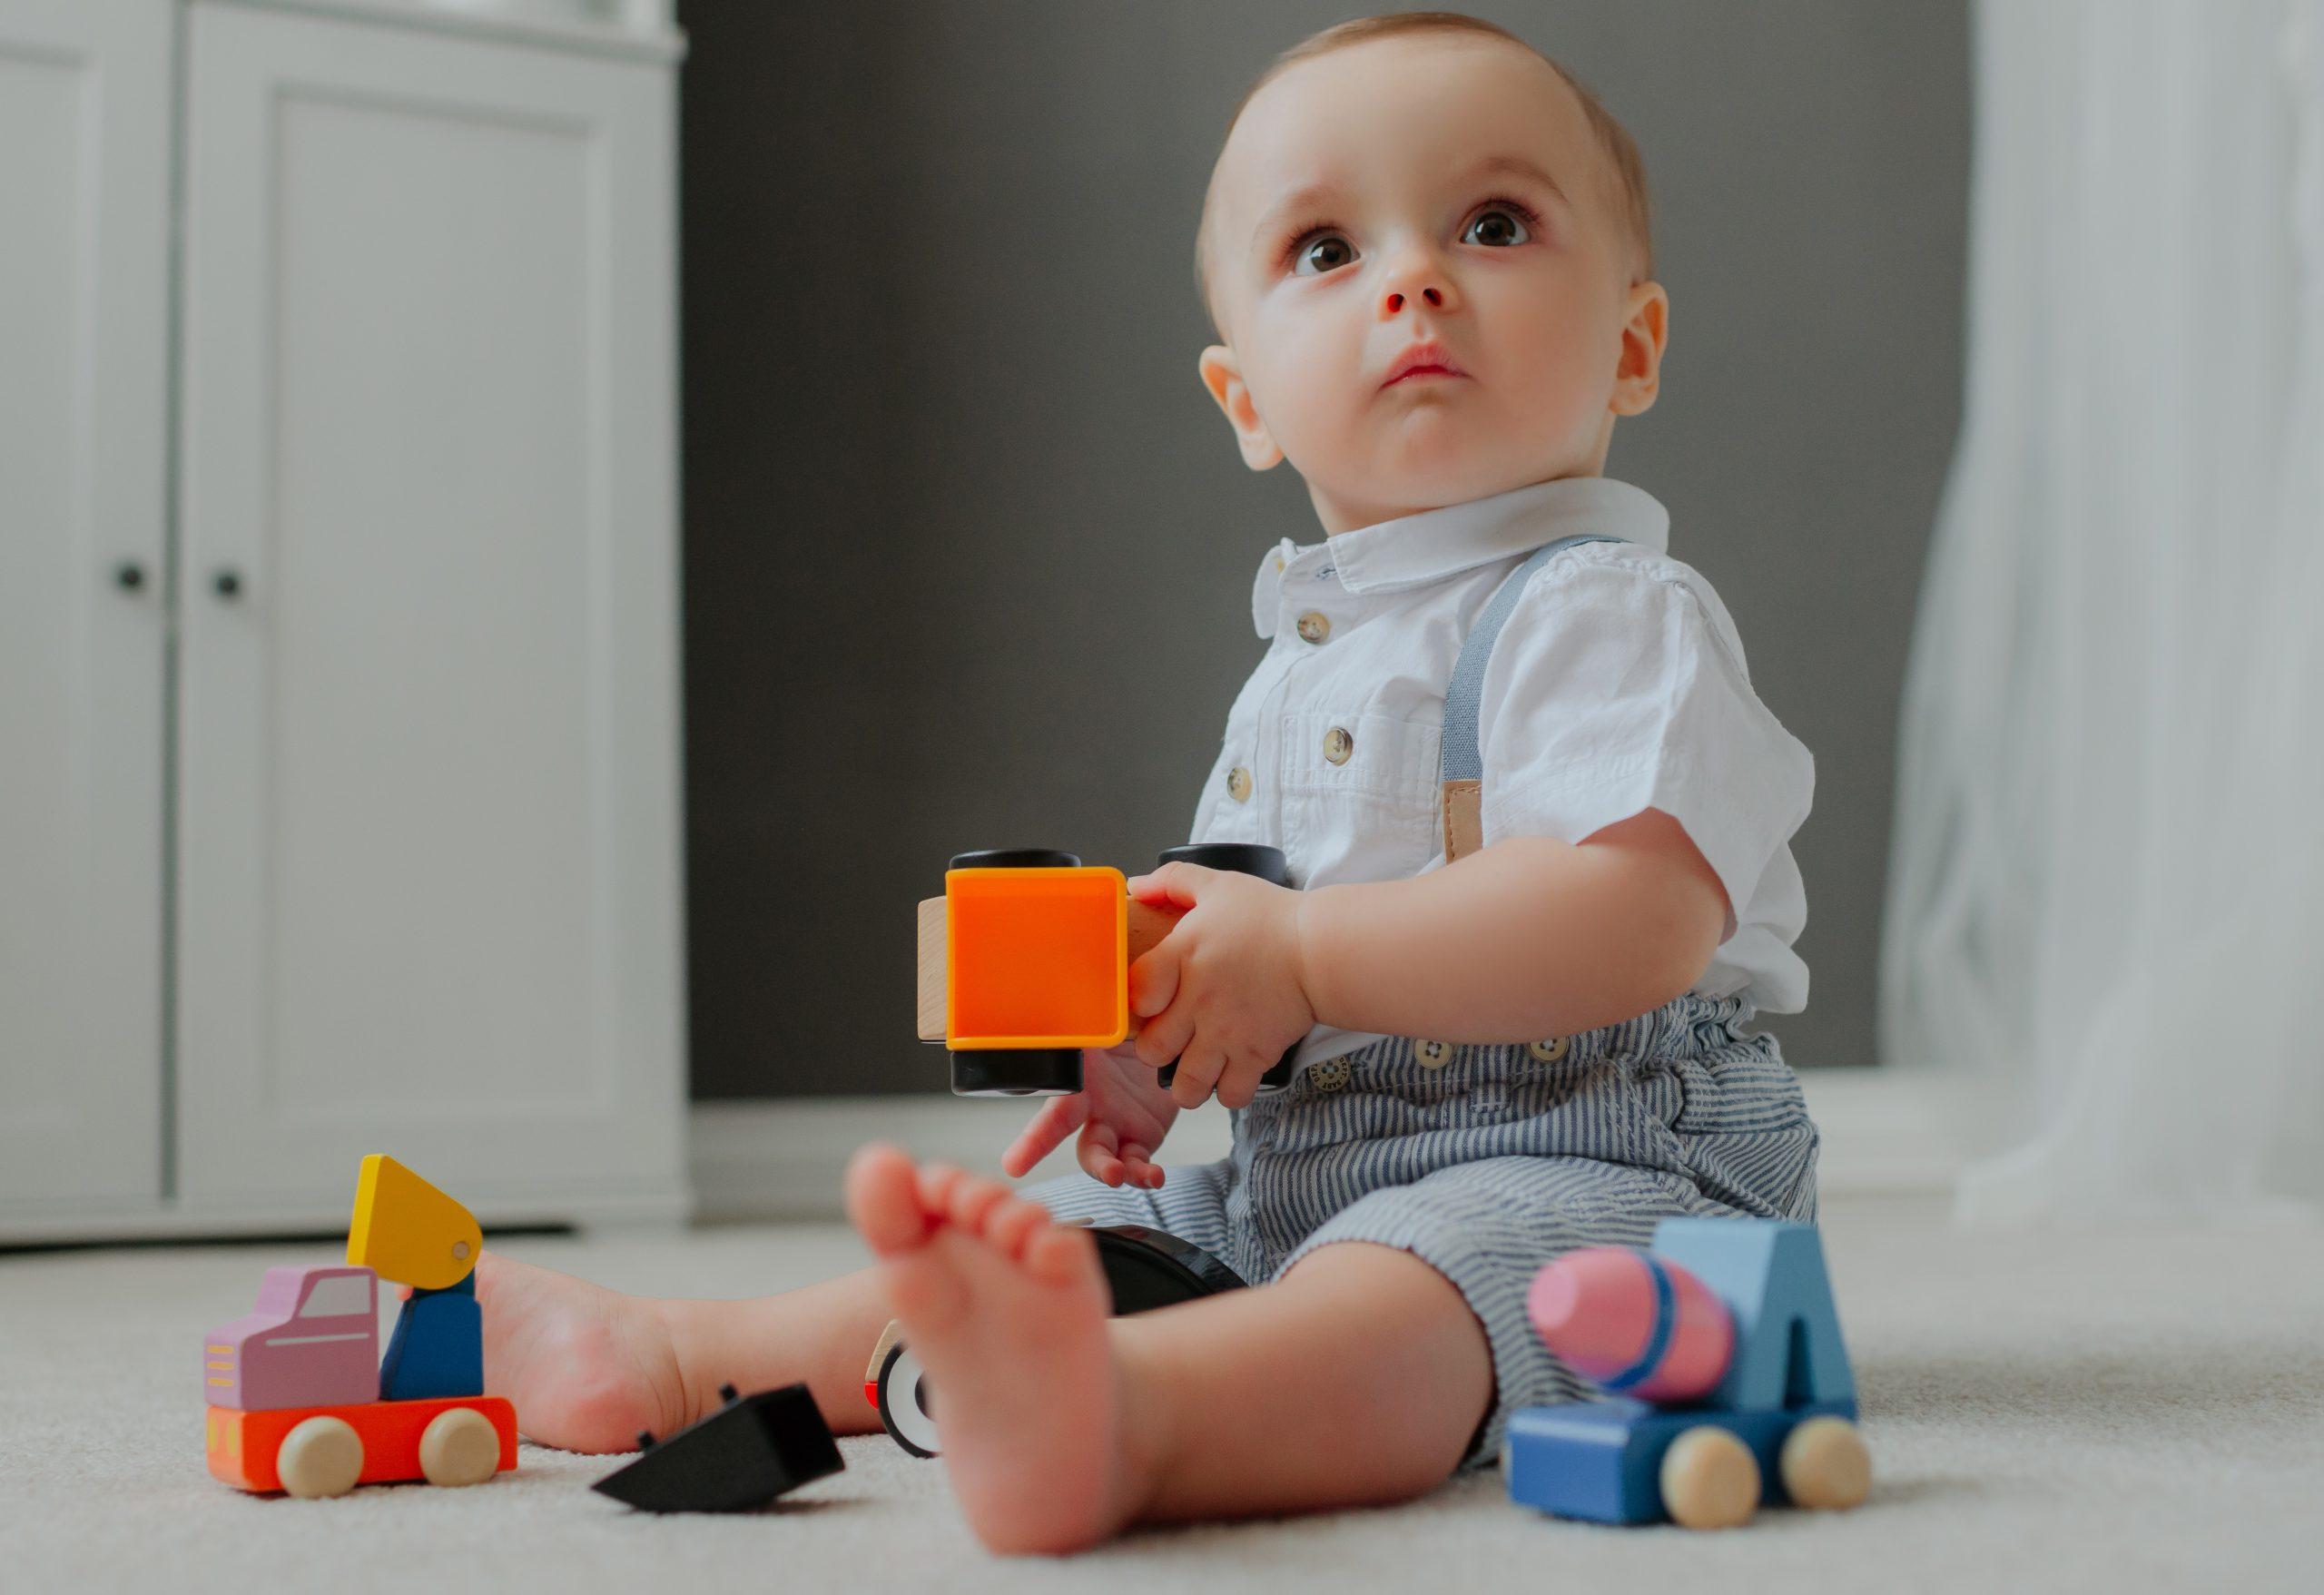 Hora de brincar – Brinquedos e Segurança